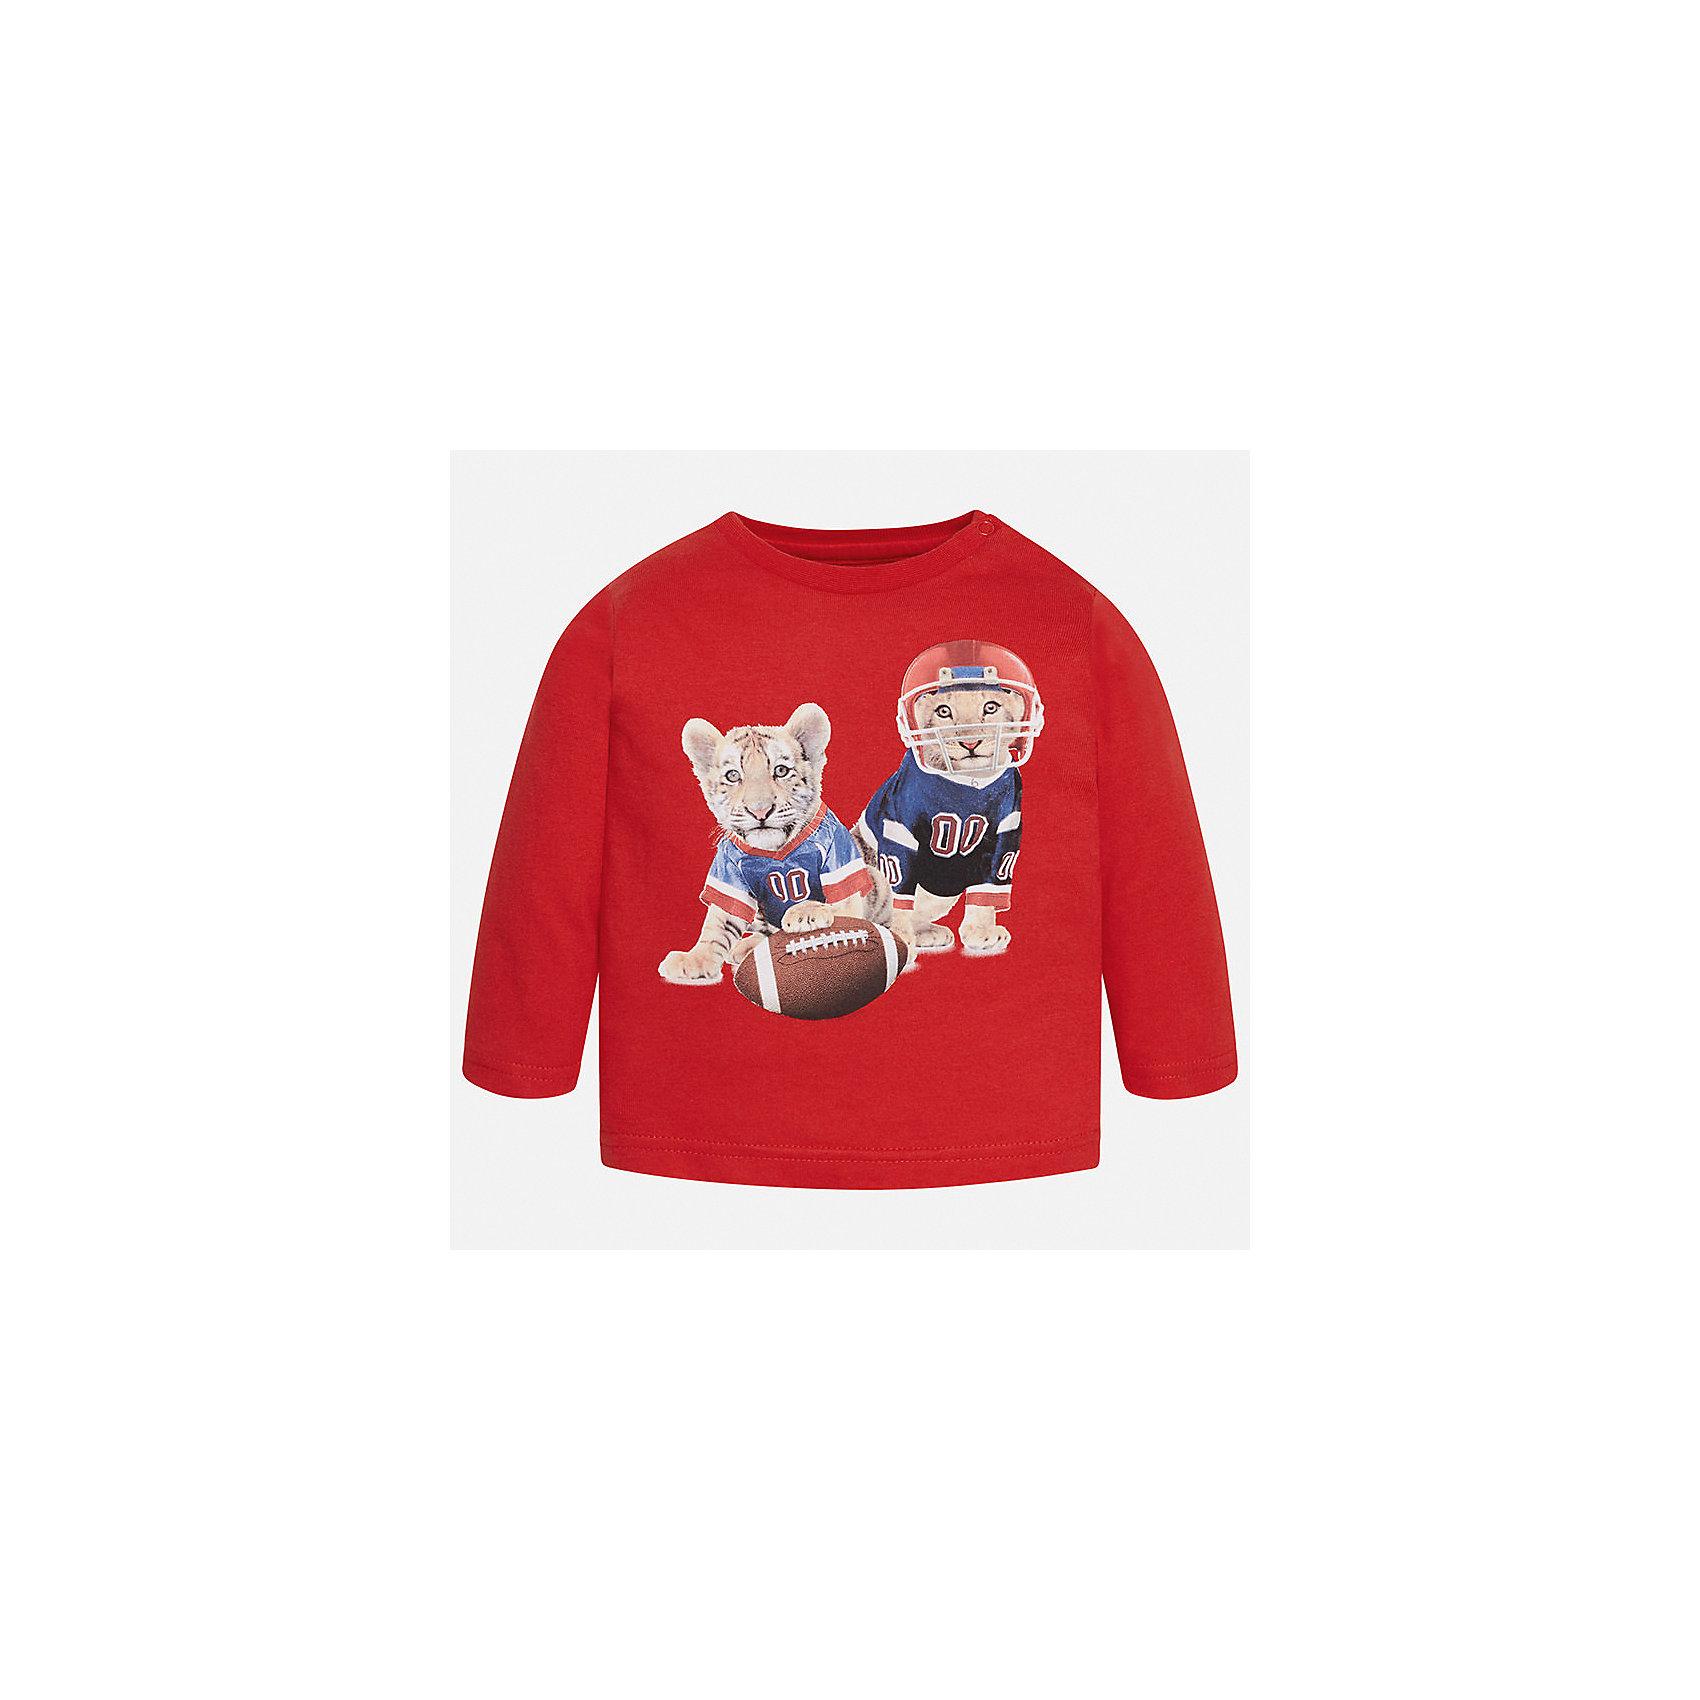 Футболка с длинным рукавом для мальчика MayoralФутболки с длинным рукавом<br>Характеристики товара:<br><br>• цвет: красный;<br>• состав ткани: 100% хлопок;<br>• длинный рукав;<br>• рисунок: принт;<br>• кнопка на воротнике;<br>• сезон: демисезон;<br>• страна бренда: Испания;<br>• страна изготовитель: Индия.<br><br>Лонгслив для мальчика от популярного бренда Mayoral  выполнен из натурального хлопка, ткань эластичная и приятная на ощупь. Однотонная модель декорирована принтом с изображением милых тигрят, имеет круглый вырез.<br><br>Стильный лонгслив молочного цвета дополнен кнопками по плечевому шву для удобства переодевания малыша.  Очень практичный и долгий в носке, цвет не тускнеет, смотрится аккуратно и стильно. Лонгслив идеально подходит для повседневной одежды как дома, так и на прогулку.<br><br>Для производства детской одежды популярный бренд Mayoral используют только качественную фурнитуру и материалы. Оригинальные и модные вещи от Майорал неизменно привлекают внимание и нравятся детям.<br><br>Лонгслив для мальчика Mayoral (Майорал) можно купить в нашем интернет-магазине.<br><br>Ширина мм: 230<br>Глубина мм: 40<br>Высота мм: 220<br>Вес г: 250<br>Цвет: красный<br>Возраст от месяцев: 24<br>Возраст до месяцев: 36<br>Пол: Мужской<br>Возраст: Детский<br>Размер: 98,74,80,86,92<br>SKU: 6932350